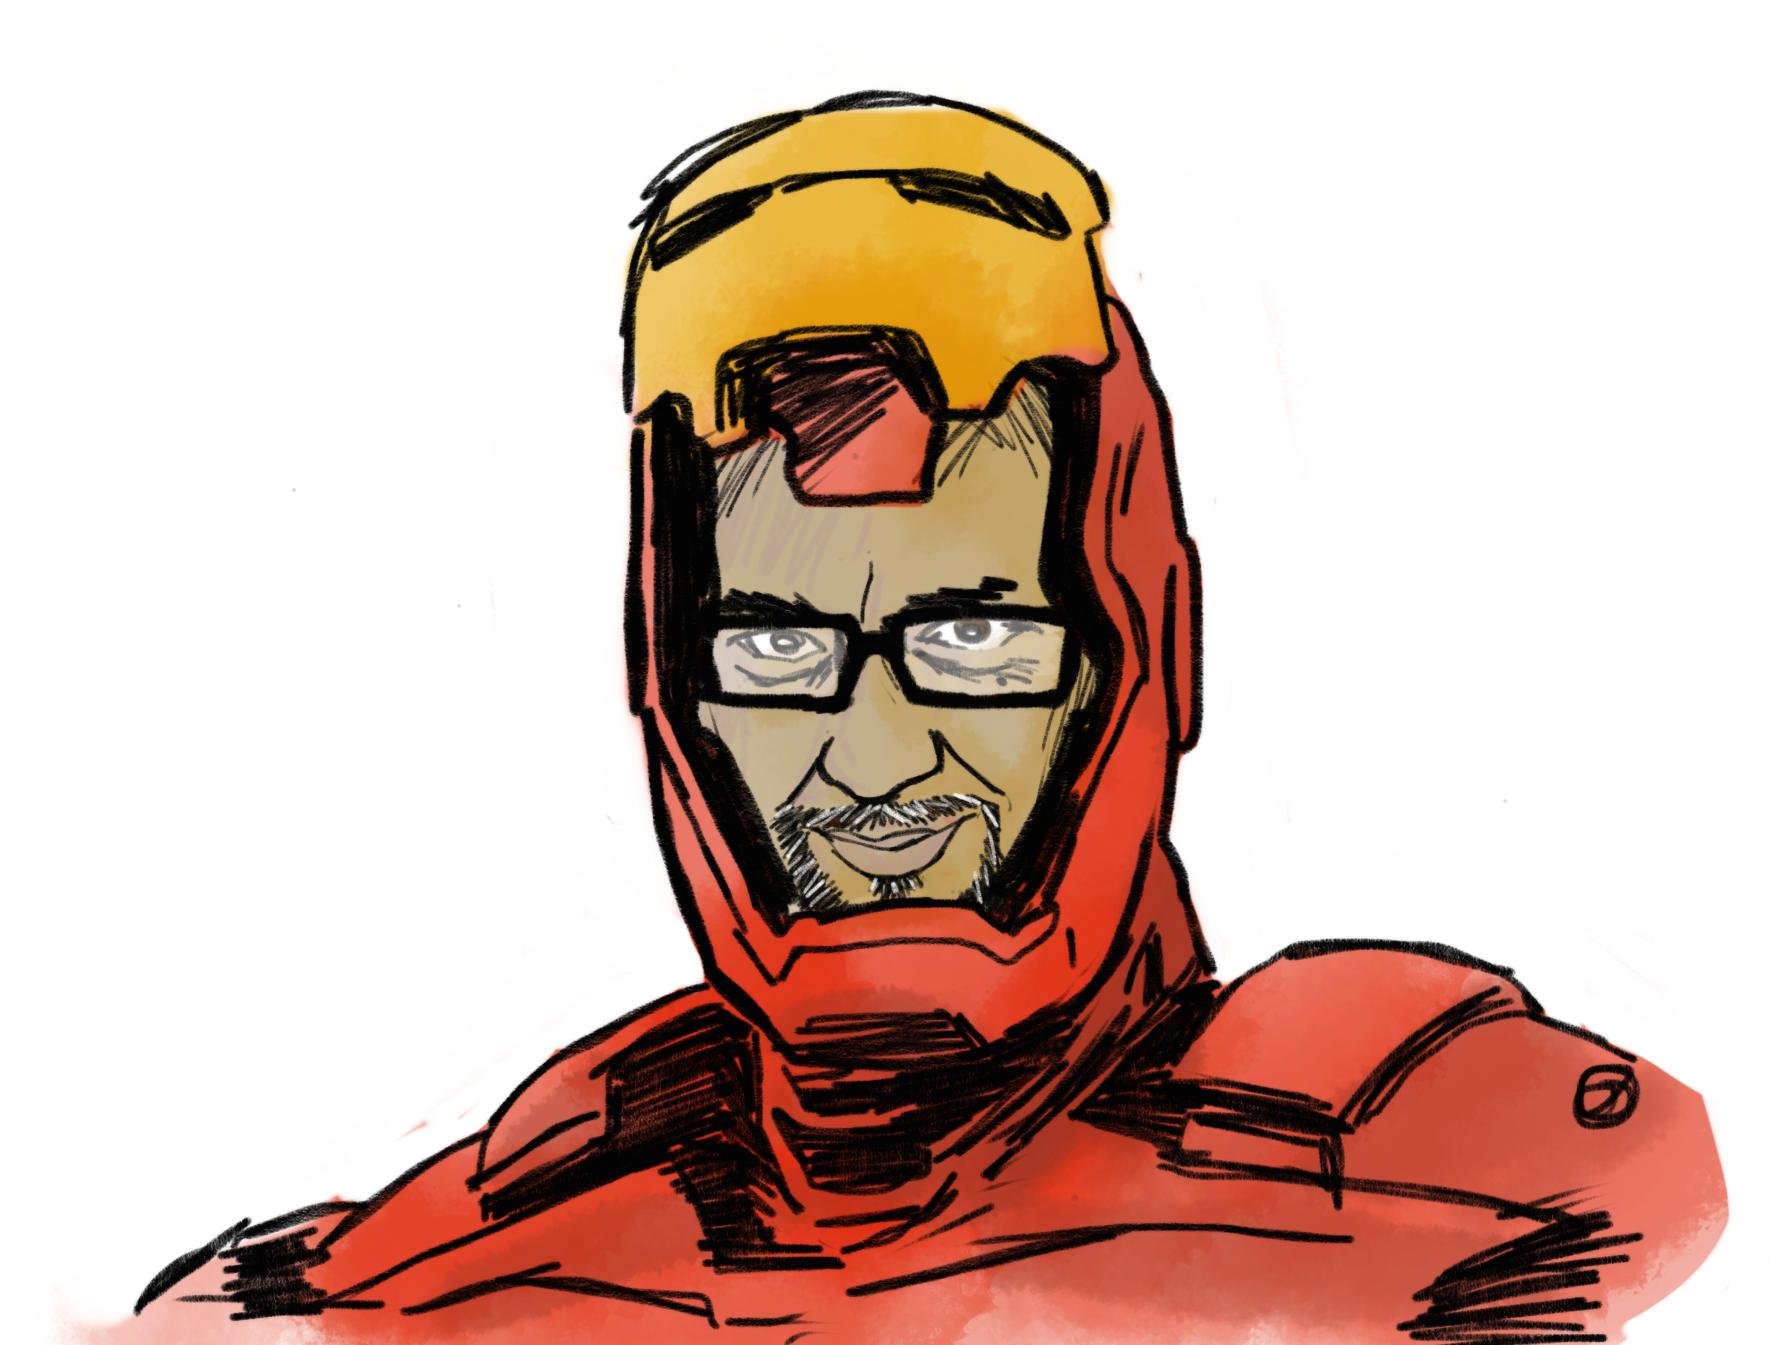 Peter Sham as Iron Man